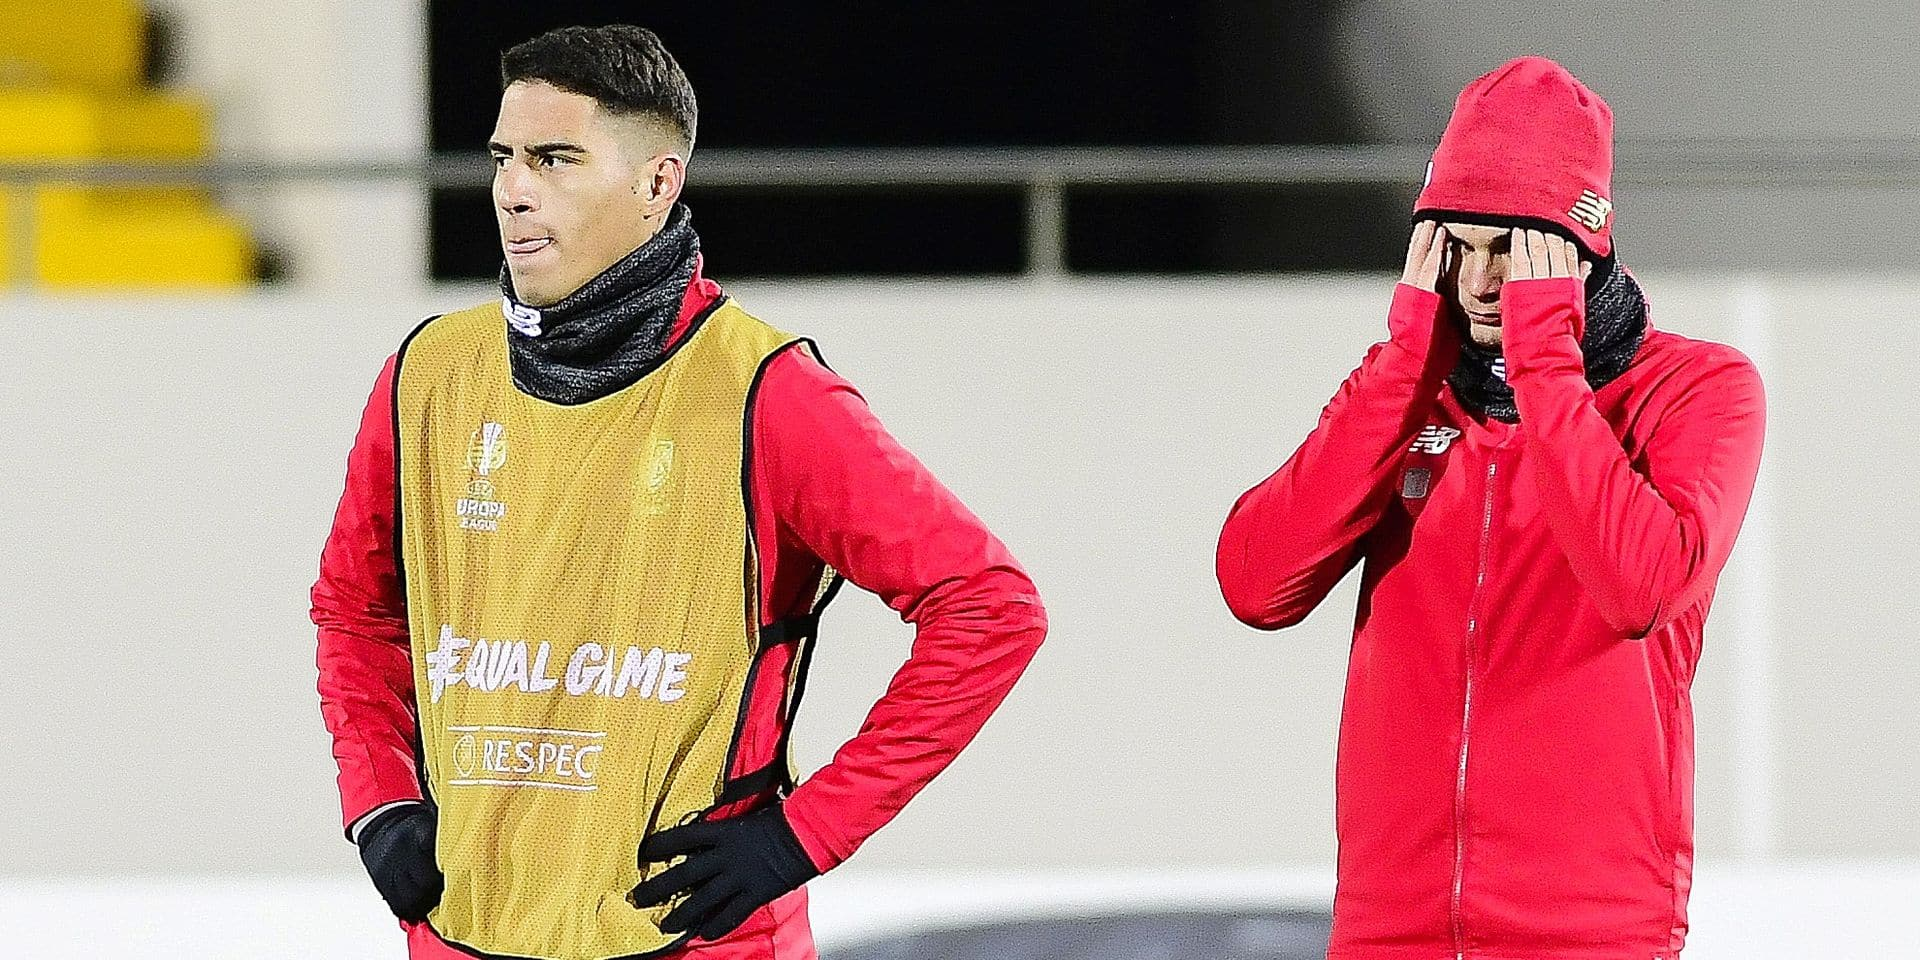 Carlinhos officialise lui-même qu'il va quitter le Standard, deux clubs brésiliens sur le coup